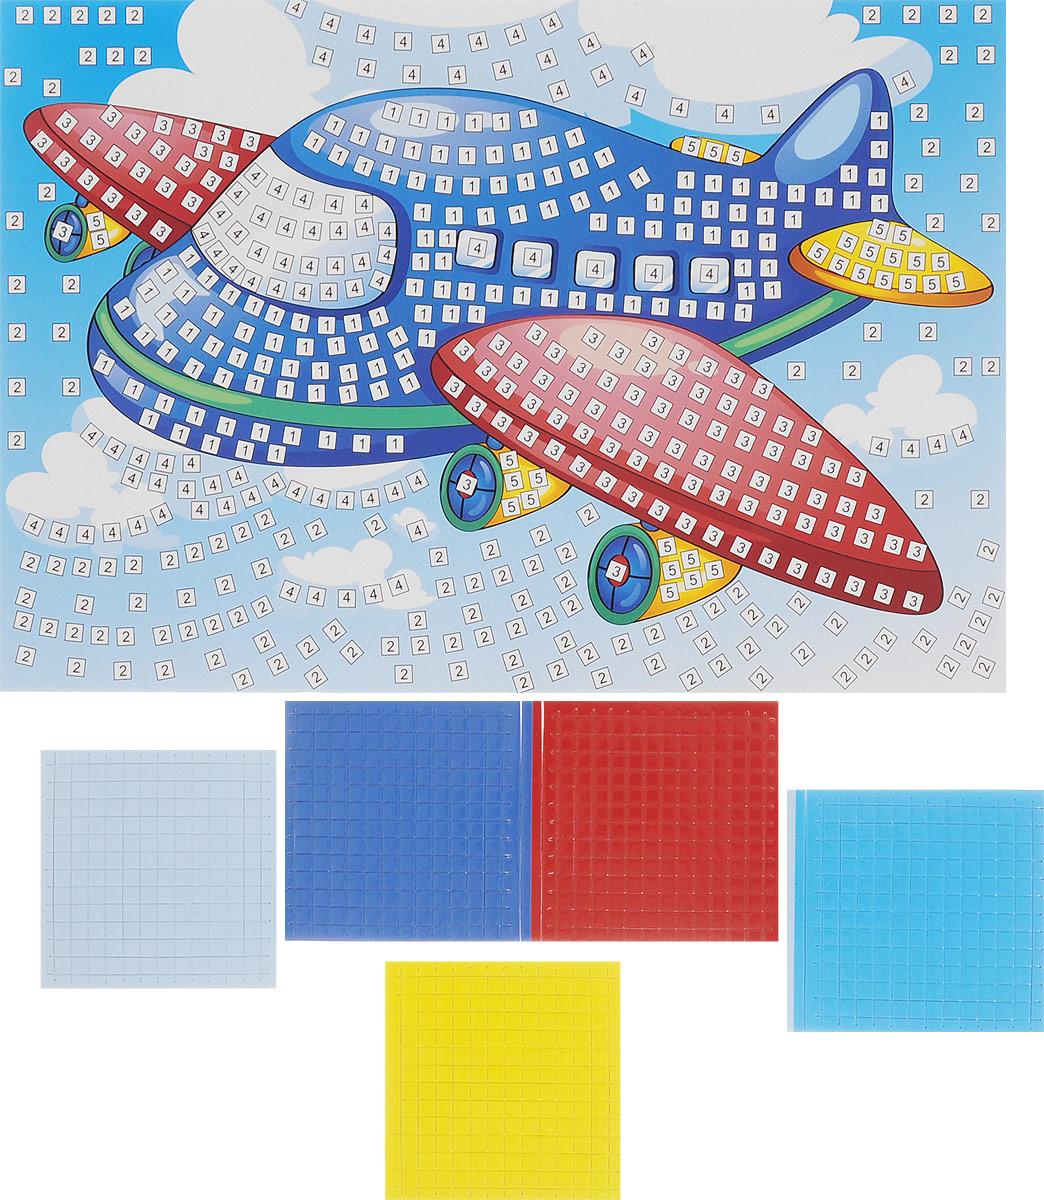 Рыжий Кот Мозаика мягкая Самолет издательство рыжий кот мягкая мозаика веселый самолет формат а5 21х15 см